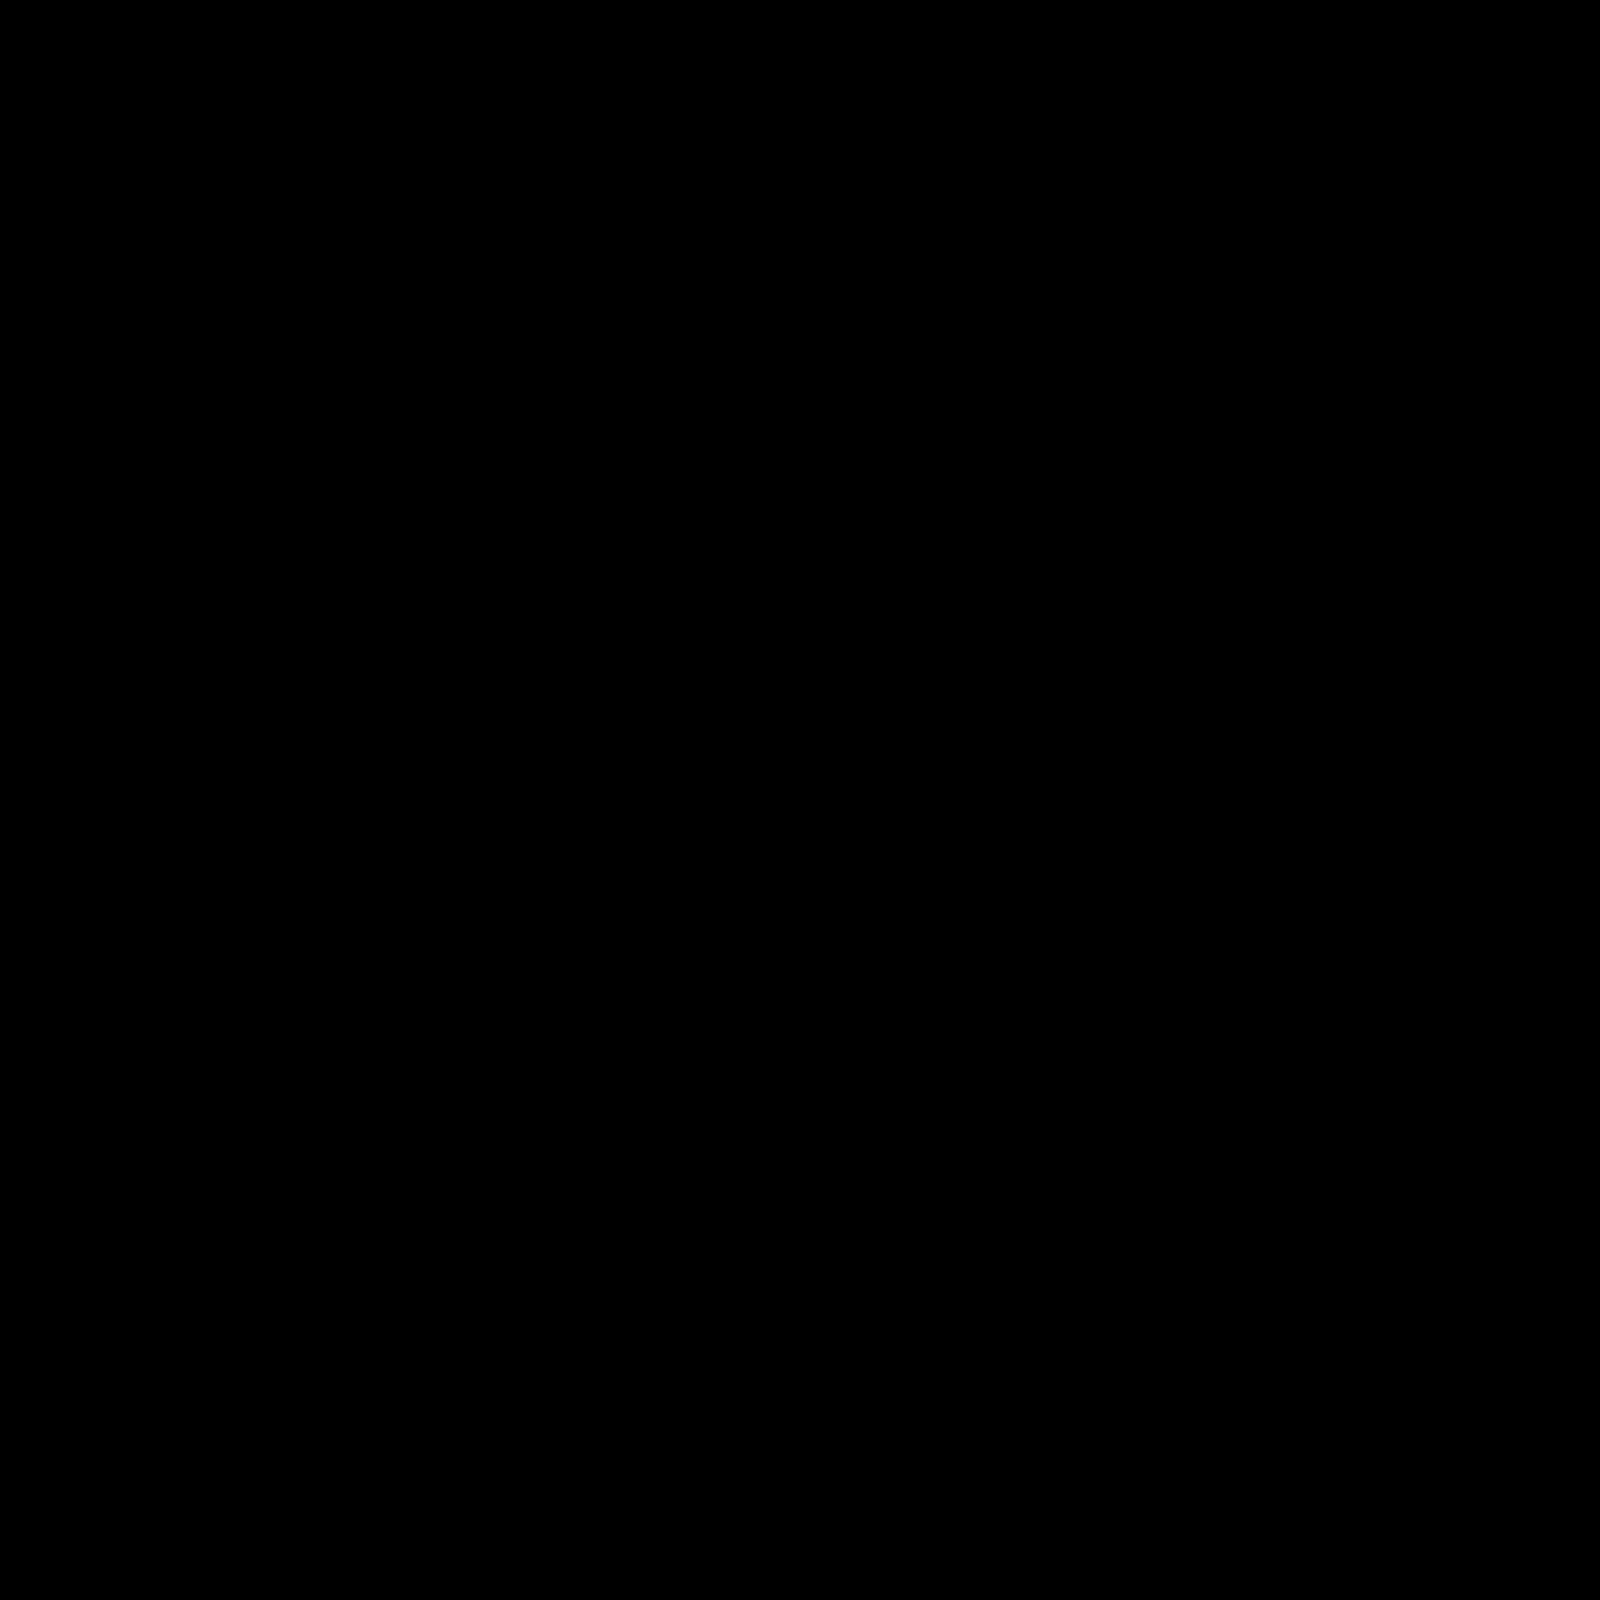 Cartella Porno icon